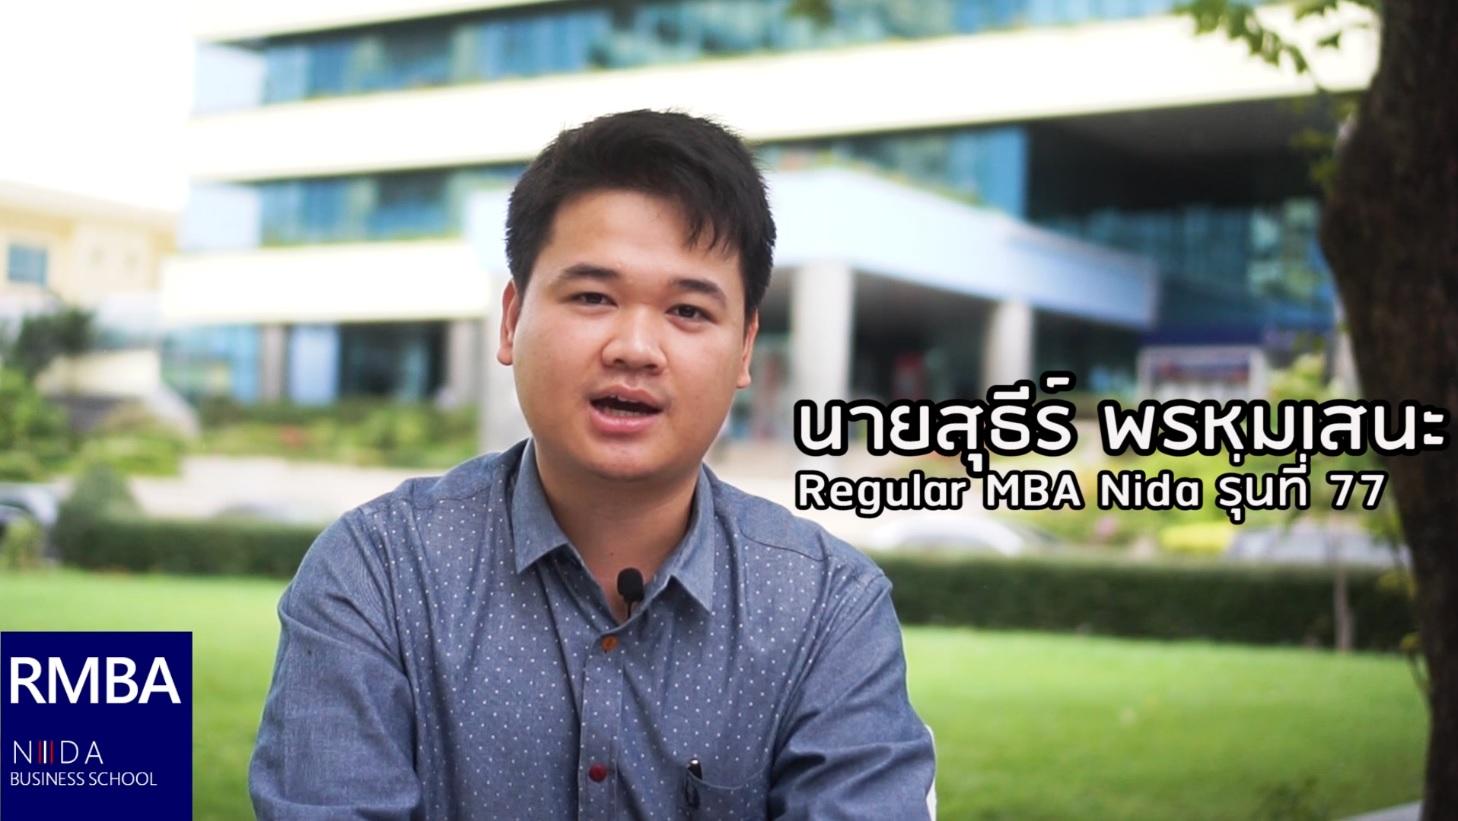 เรียน  MBA NIDA แล้วได้อะไร By สุธีร์ พรหมเสนะ นักศึกษา RMBA รุ่น 77